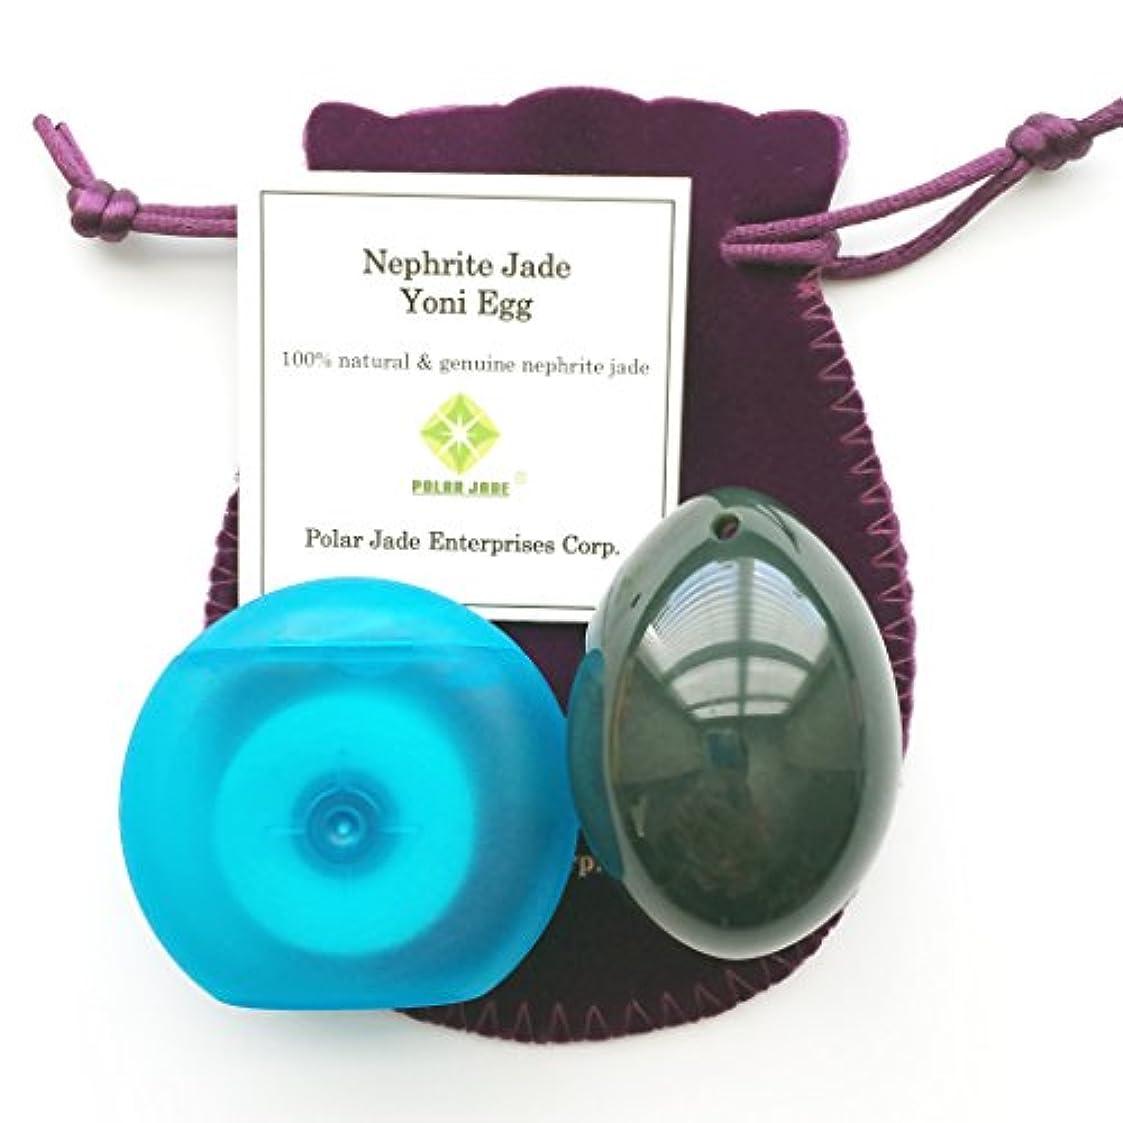 外観女王セージネフライト翡翠卵(ジェイドエッグ)、紐穴あり、ワックス加工のされていないデンタルフロス一箱同梱、品質証明書及びエッグ?エクササイズの使用説明書(英語)付き、パワーストーンとしても好適 (Nephrite Jade Egg with Unwaxed Dental Floss), by Polar Jade社(Lサイズ(50x35mm))